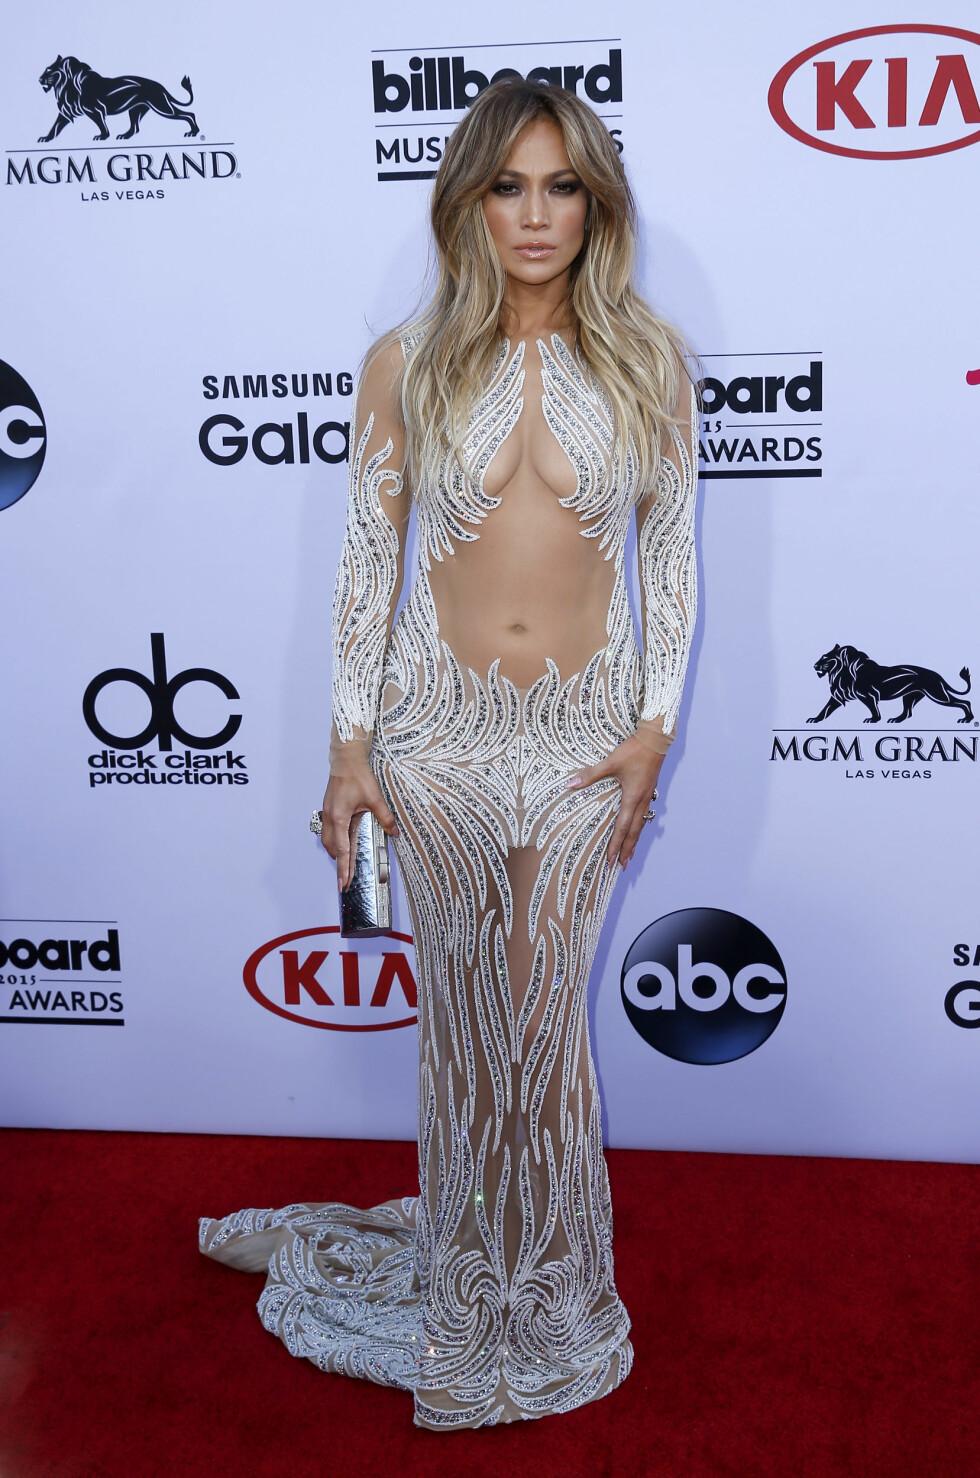 VISTE HUD: Kjolen JLo hadde på seg fra Charbel Zoe viste både pupper og mage.  Foto: wenn.com Scanpix